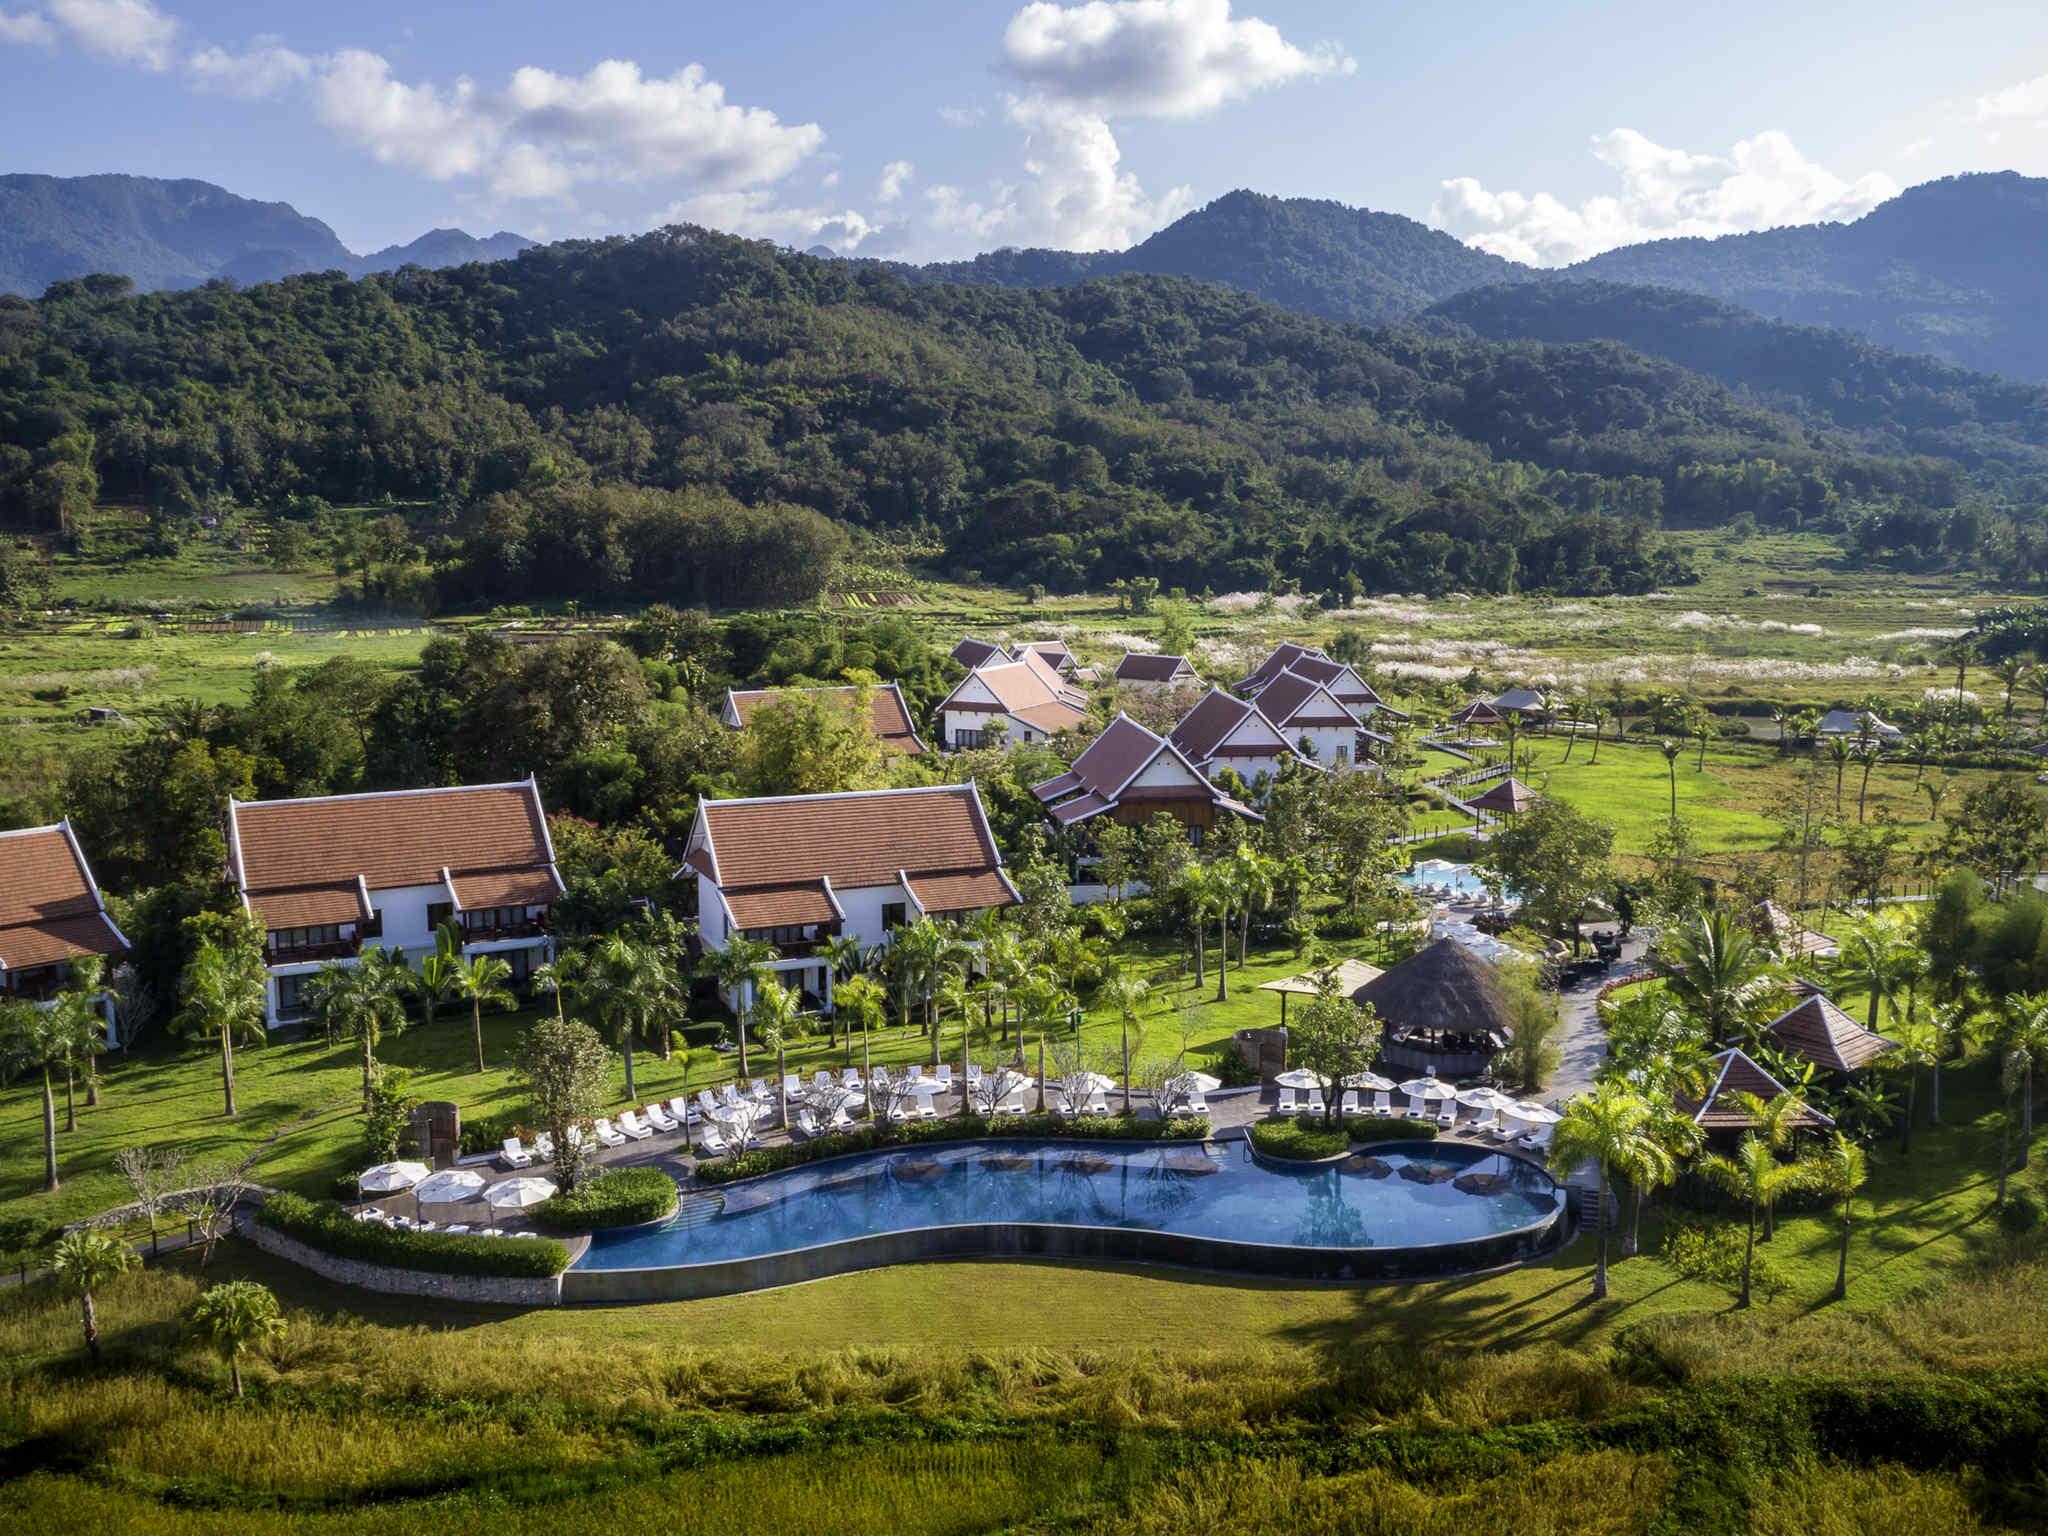 โรงแรม – พูลแมน หลวงพระบาง